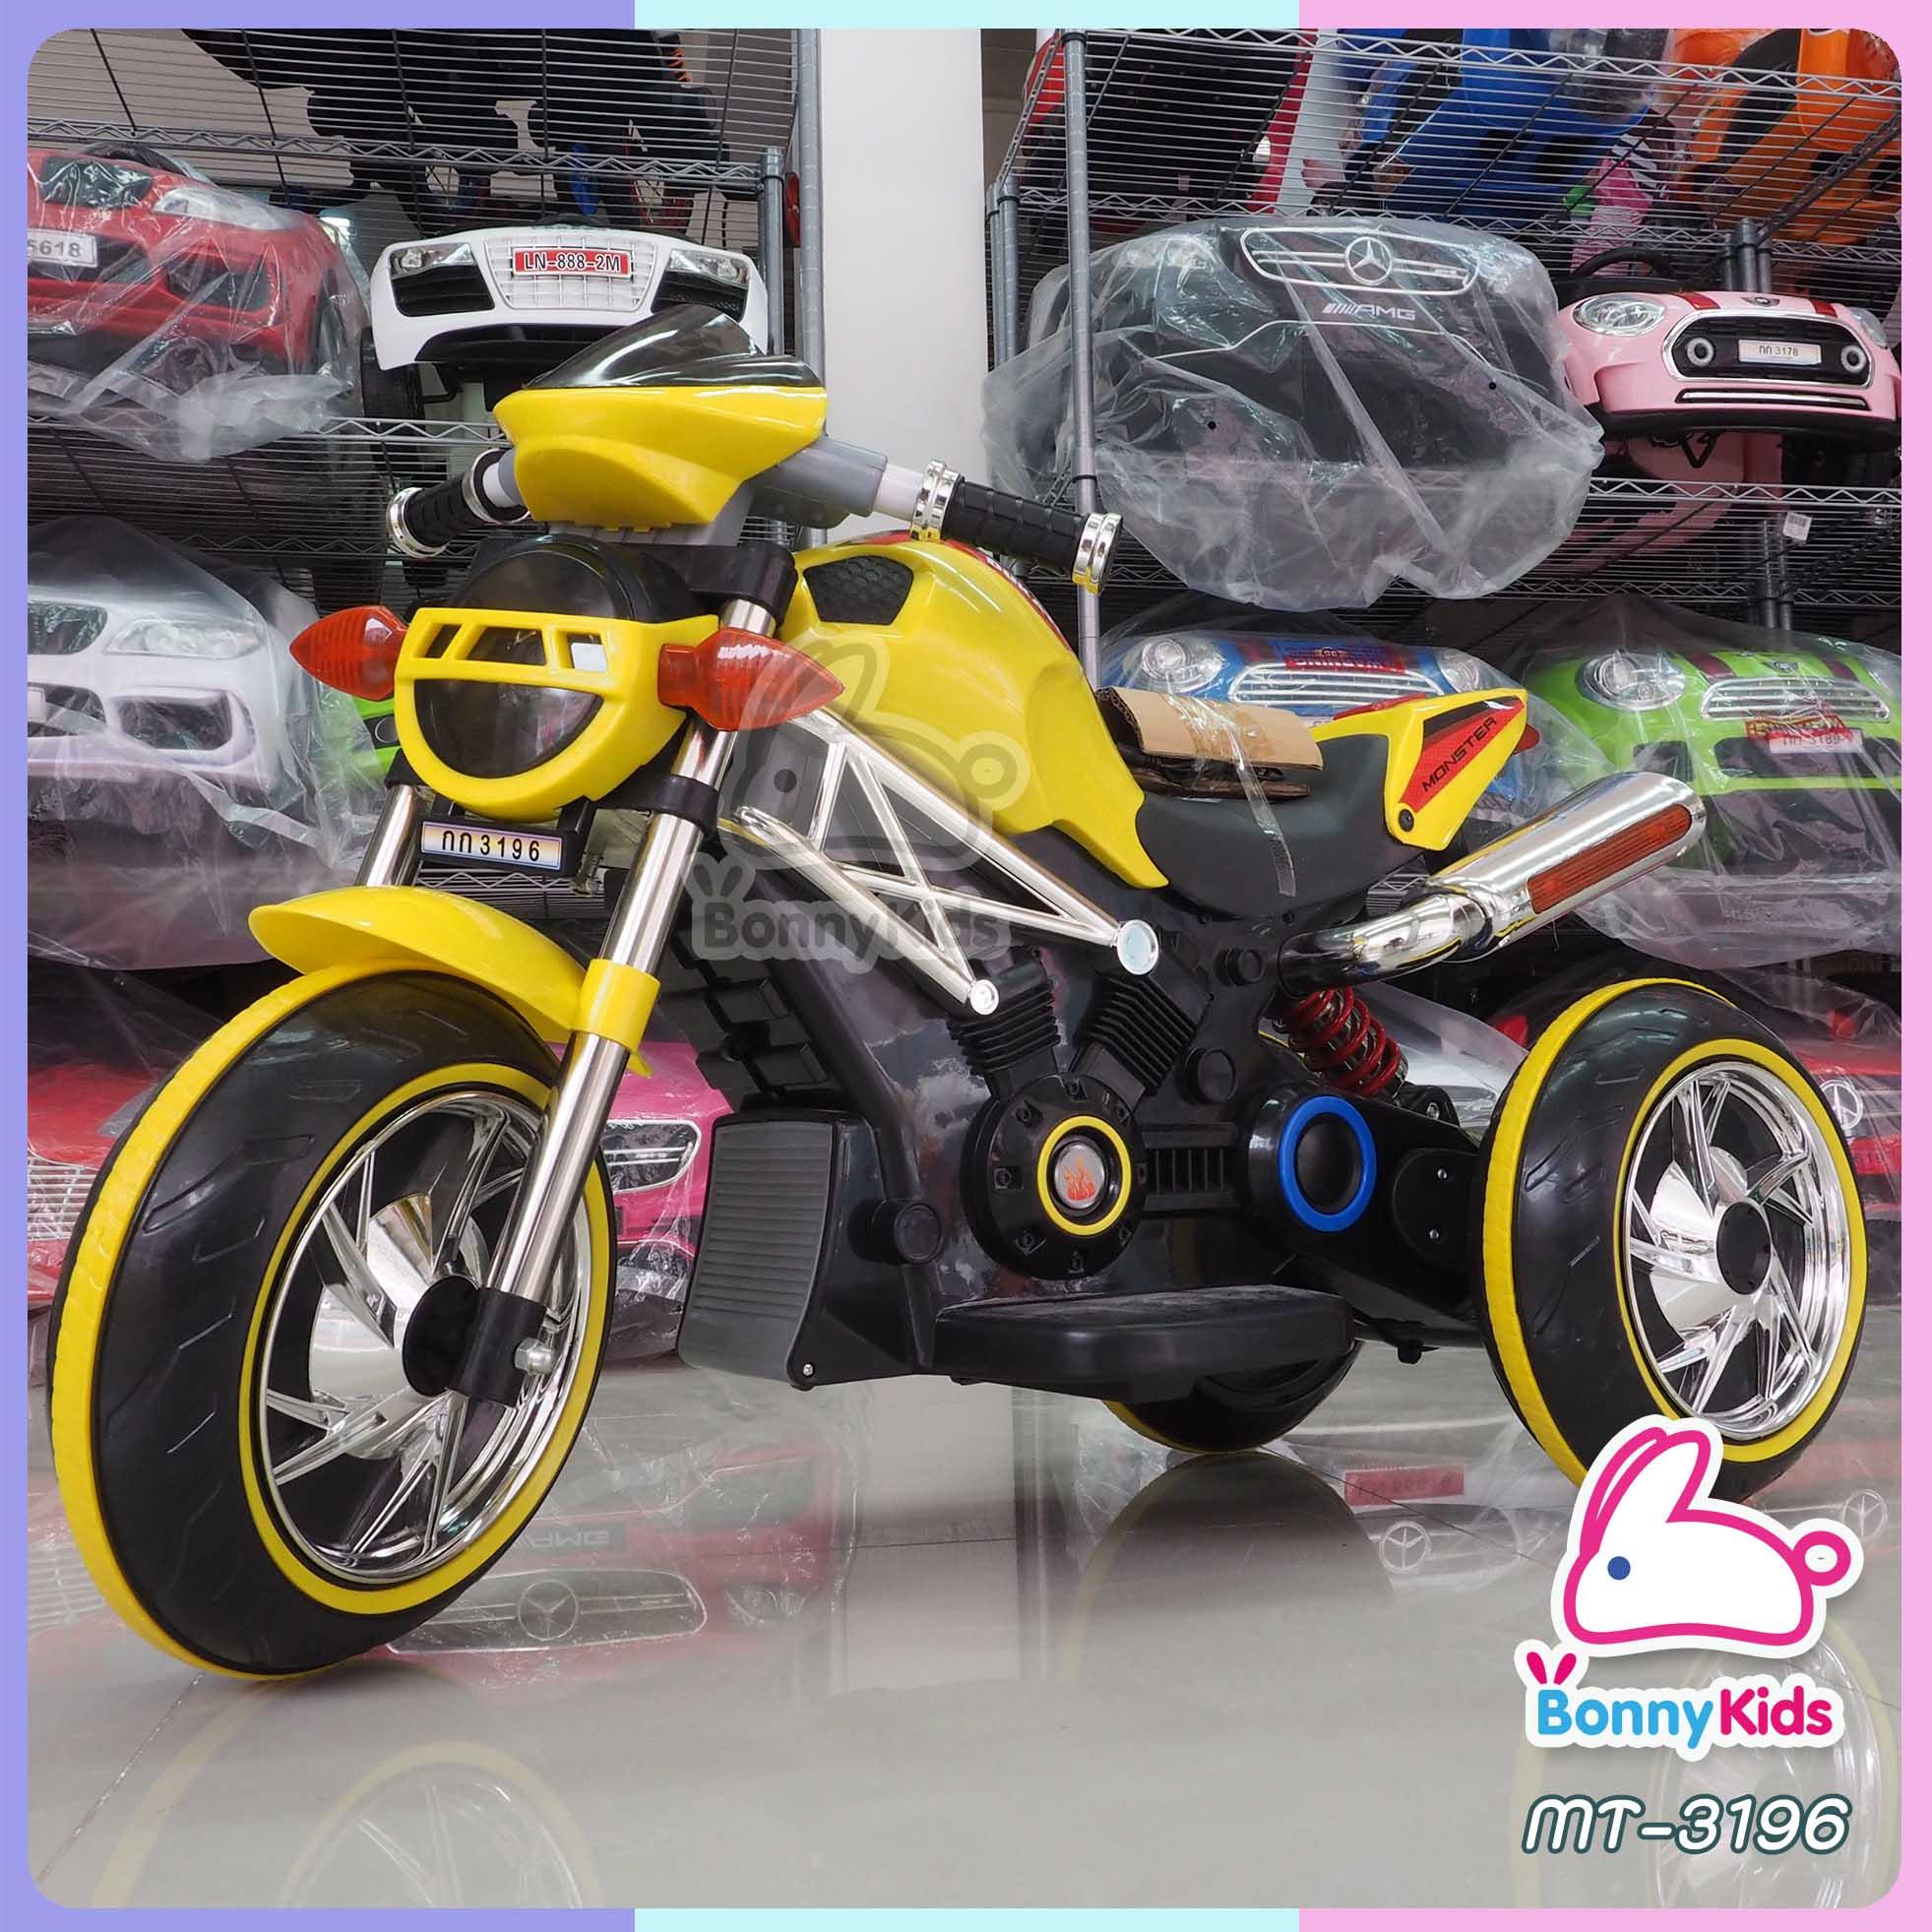 รถมอเตอร์ไซส์ดูคาติ 3 ล้อ 2 มอร์เตอร์ สีเหลือง